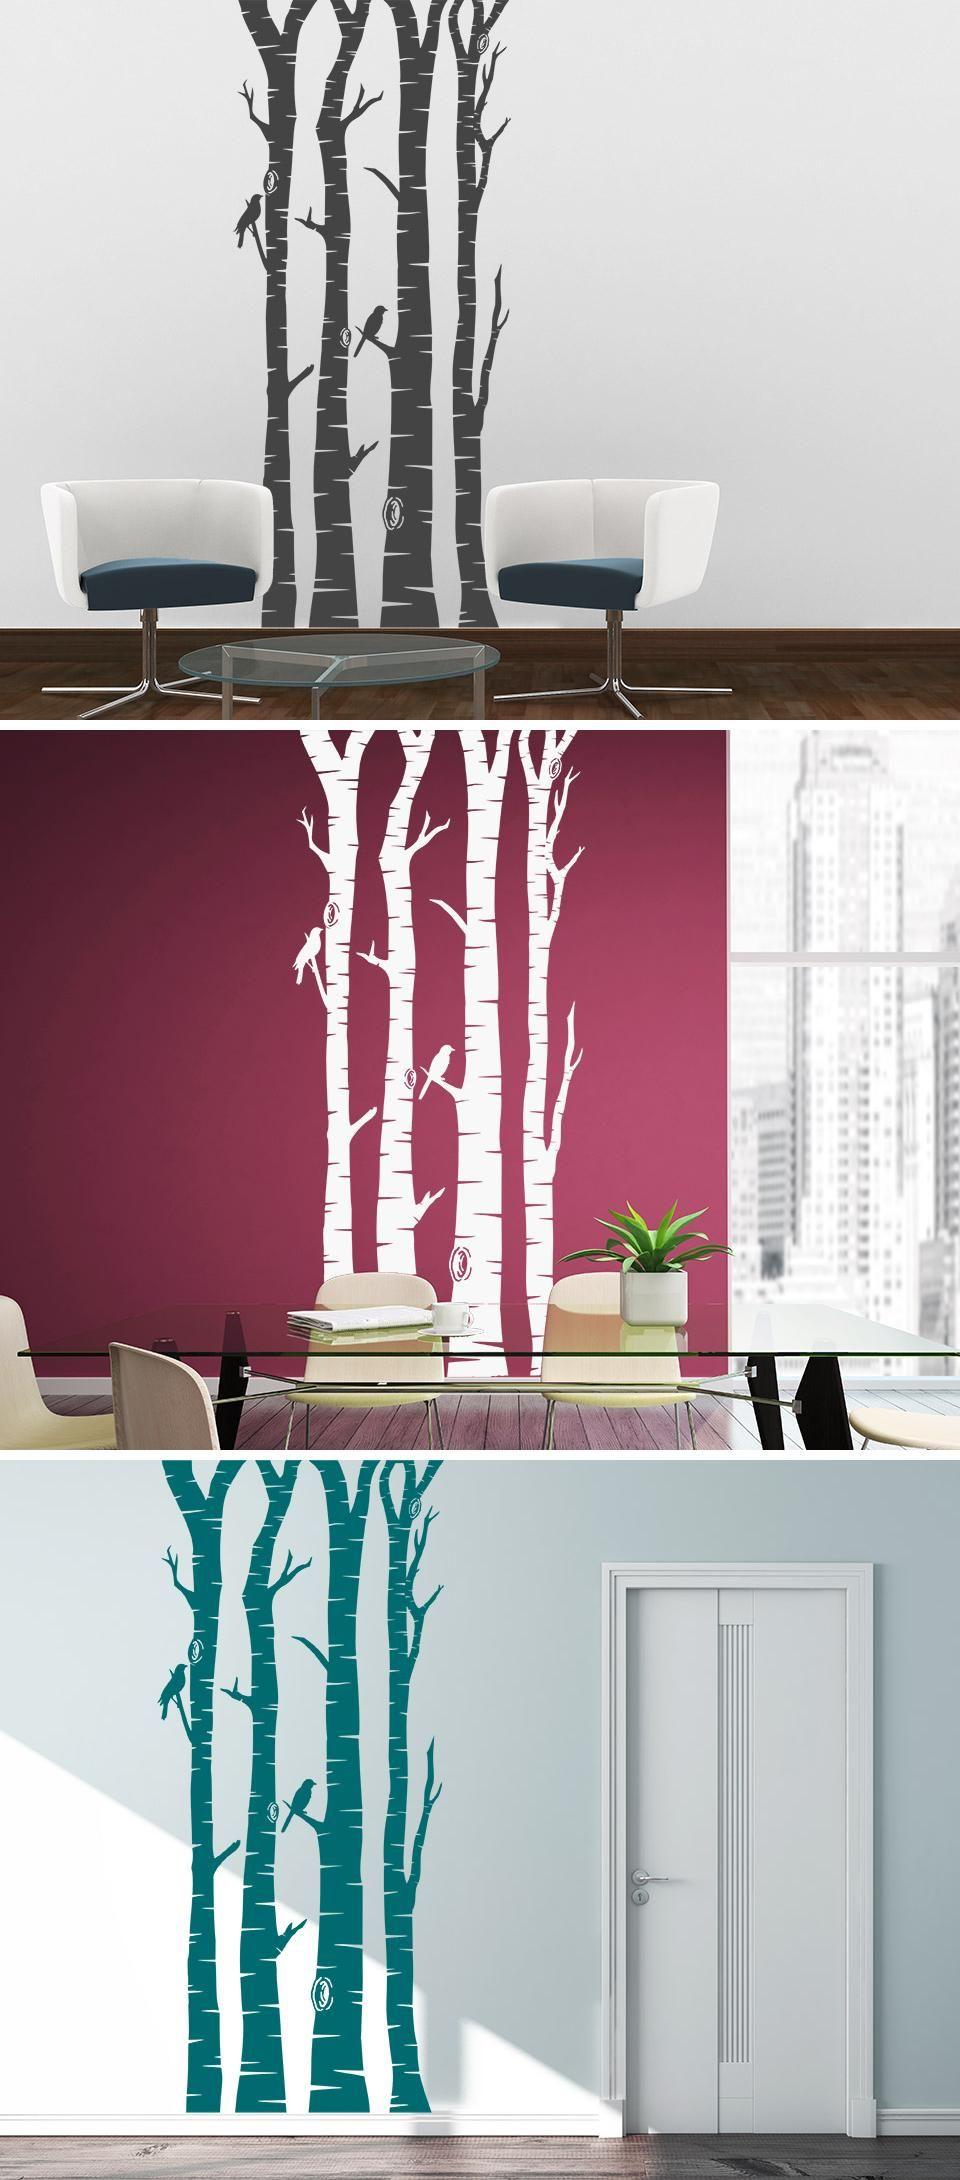 Erstaunlich Wandtattoo Bäume Referenz Von Birkenstämme Mit Vögeln Von Wandtattooreview